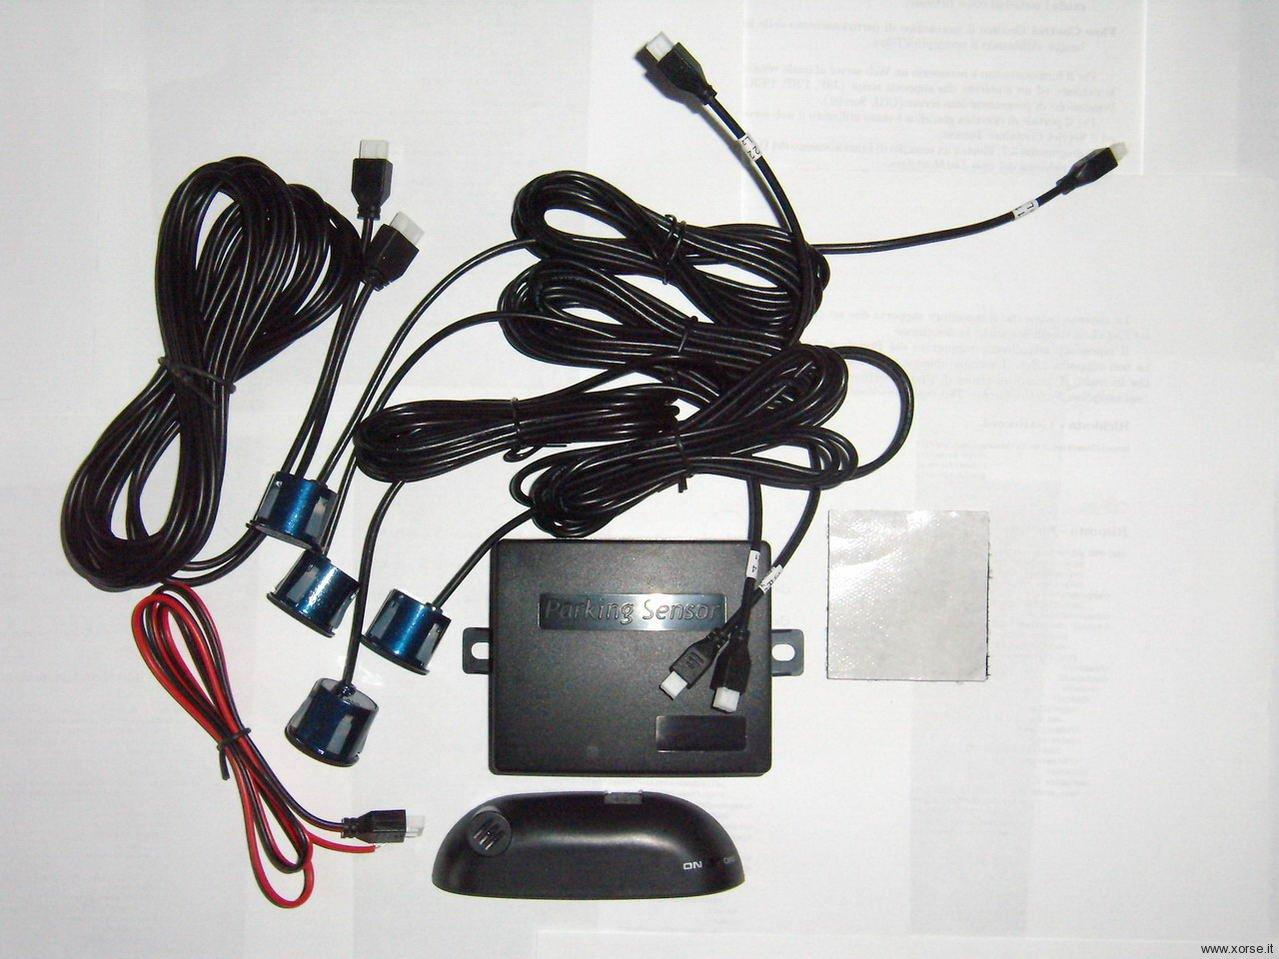 Schema Elettrico Sensori Di Parcheggio : Sensori di parcheggio il kit recensione xorse